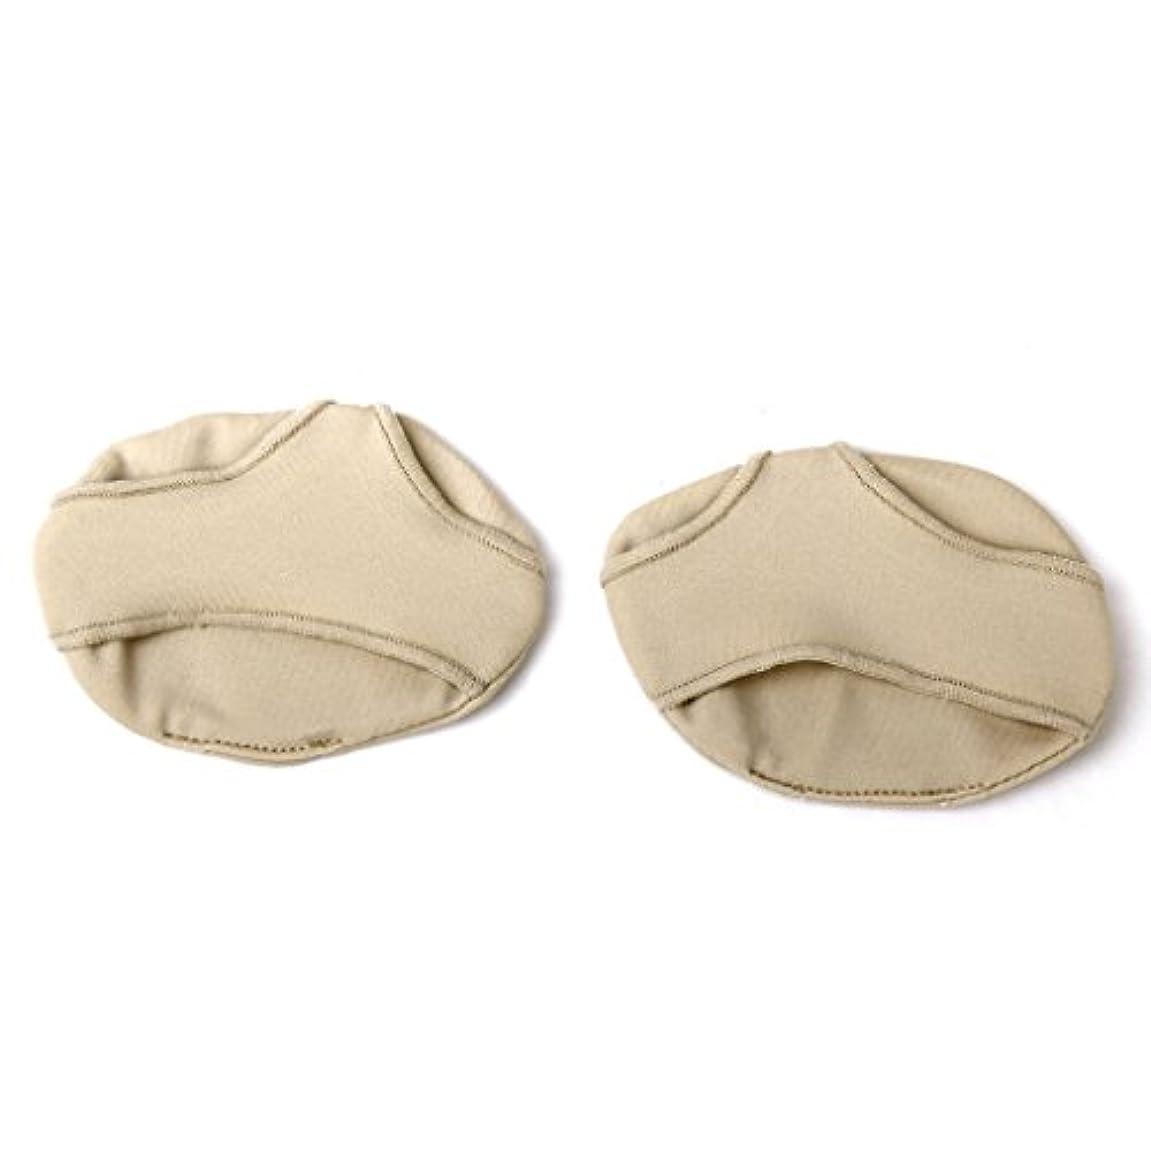 政治的防水あざNaliovker ペアの低中足パッド クッションブランケット 前足の痛みを和らげるためのストラップ付きインソール Y形